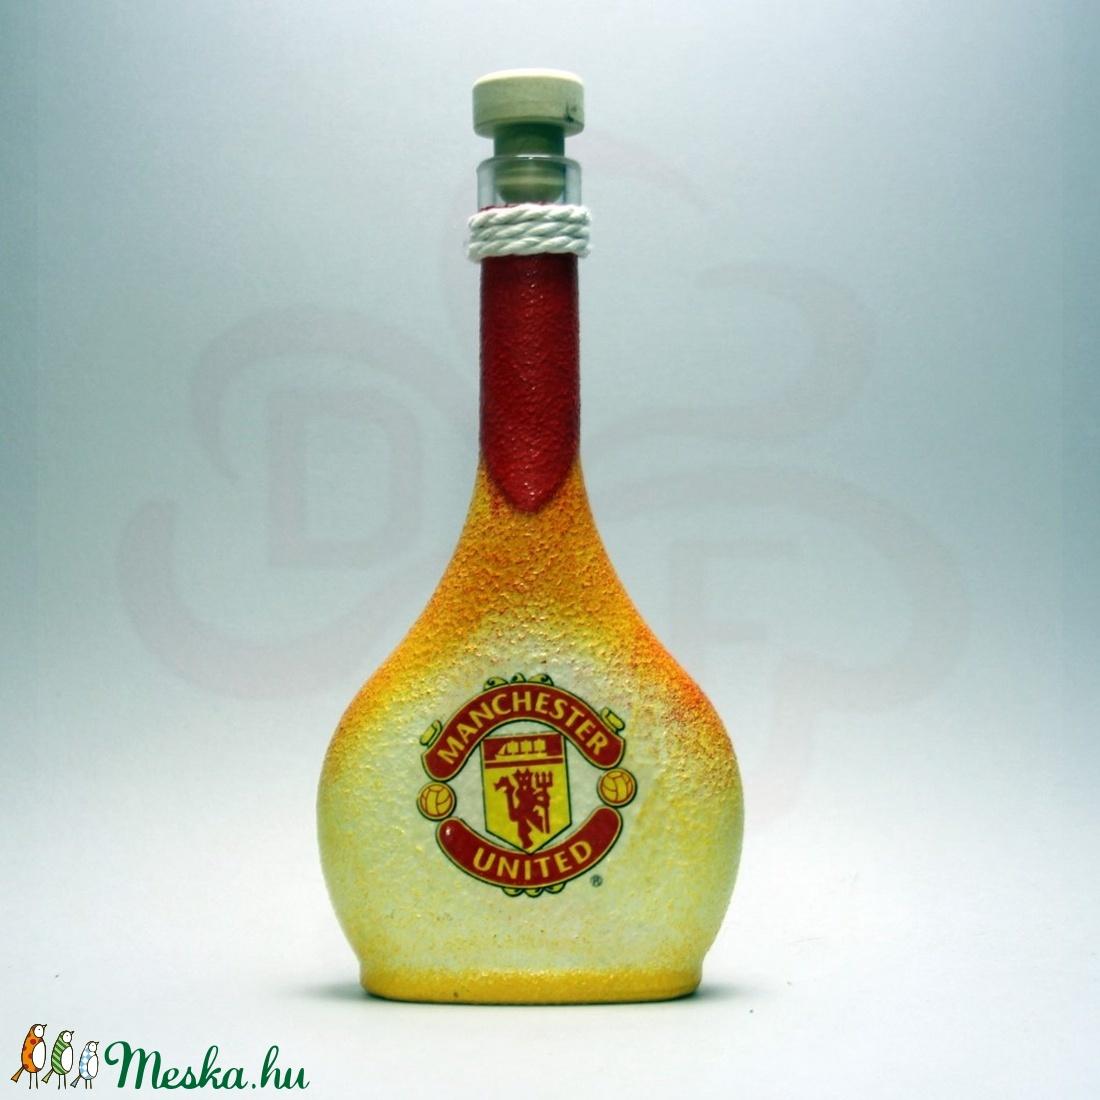 Manchester United pálinkás üveg ; futball szurkolóknak, születésnapra, névnapra, karácsonyra - Meska.hu